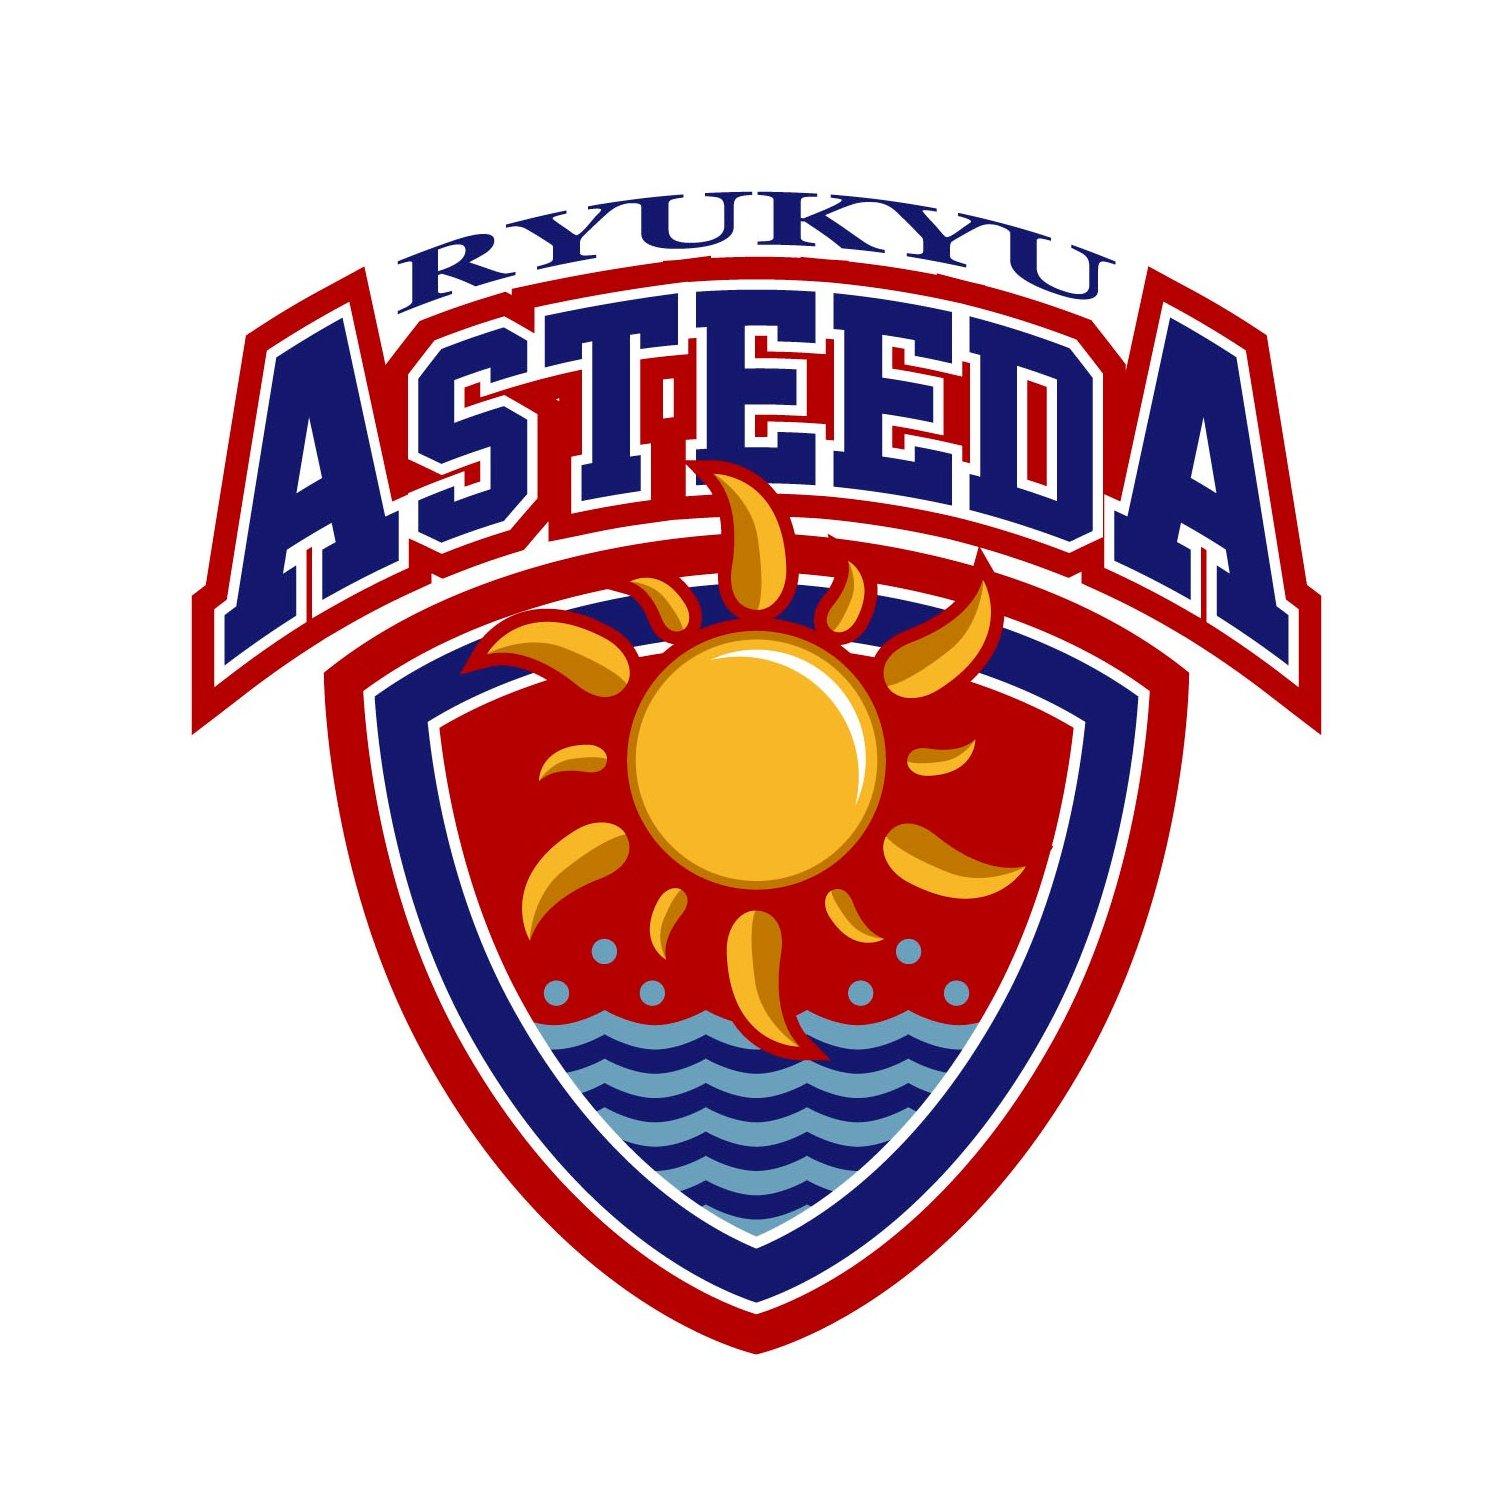 琉球 アス ティーダ 琉球アスティーダ Tリーグに参戦する沖縄のプロ卓球チーム